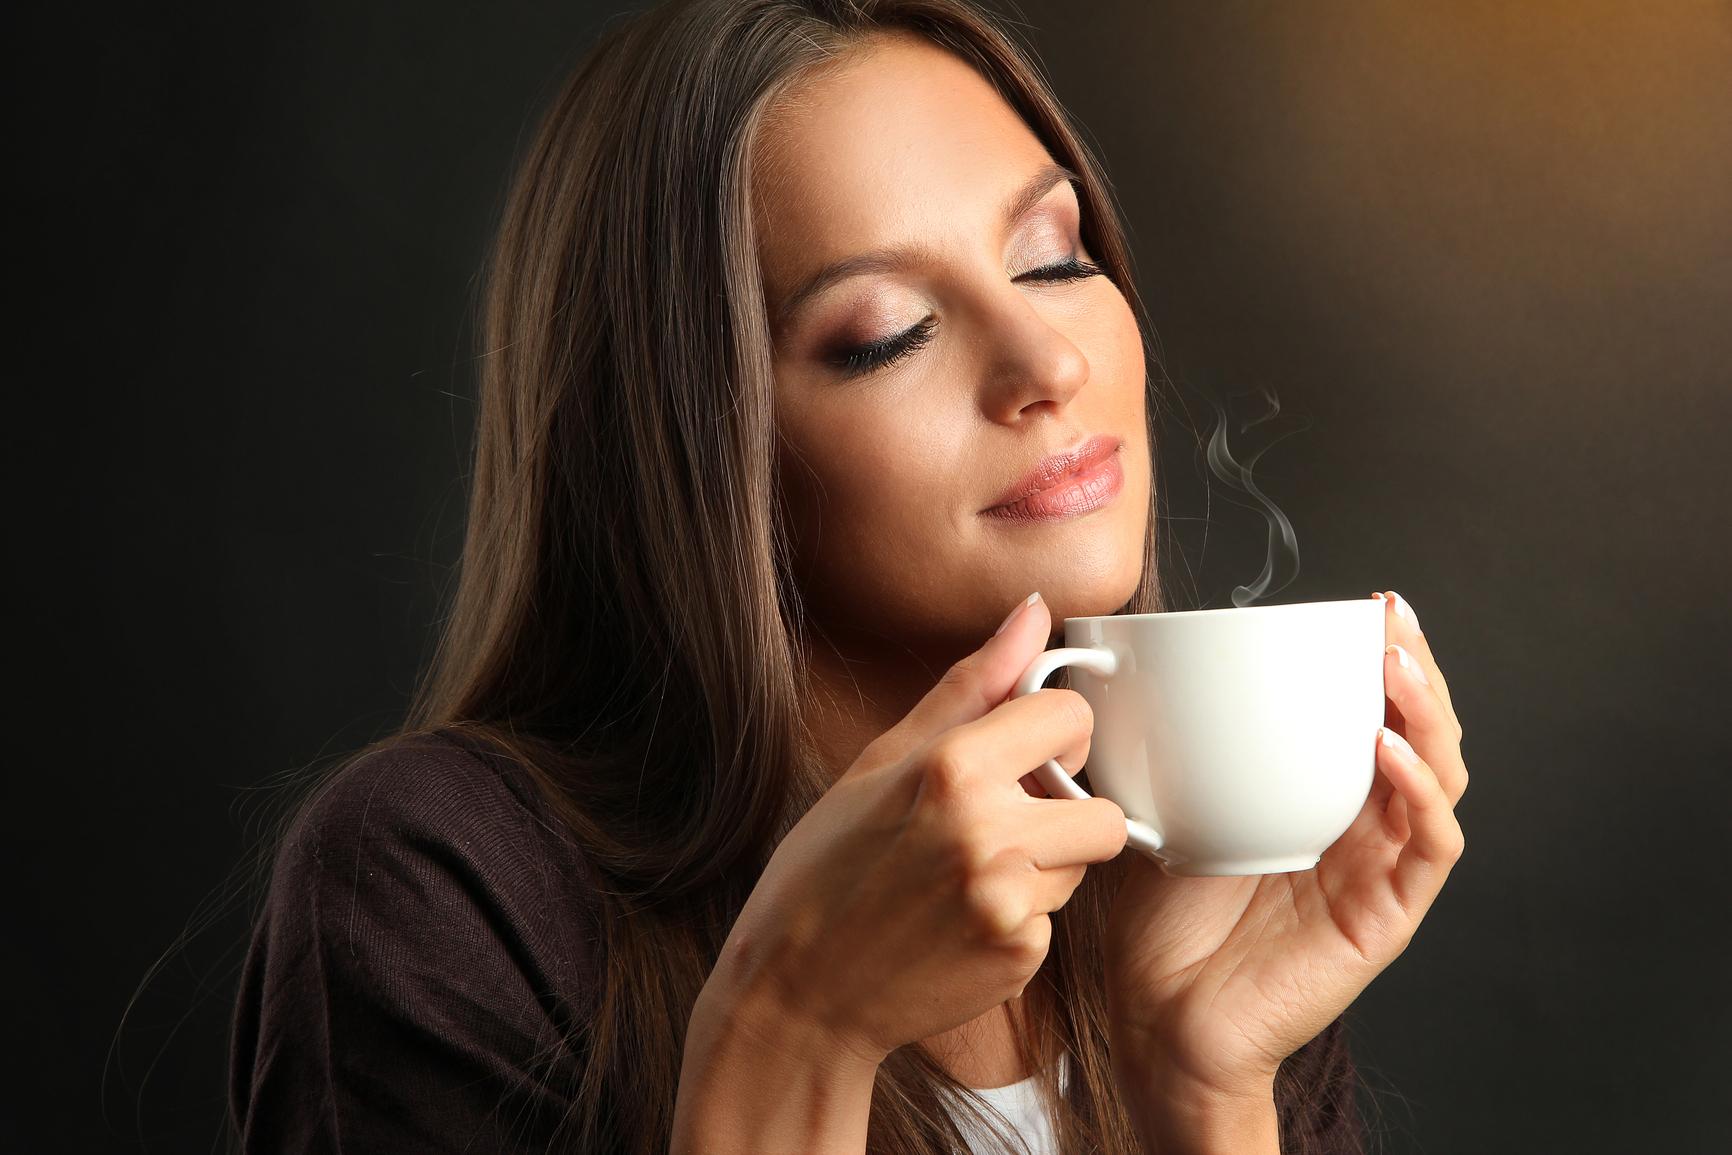 Фото девушка с чашкой